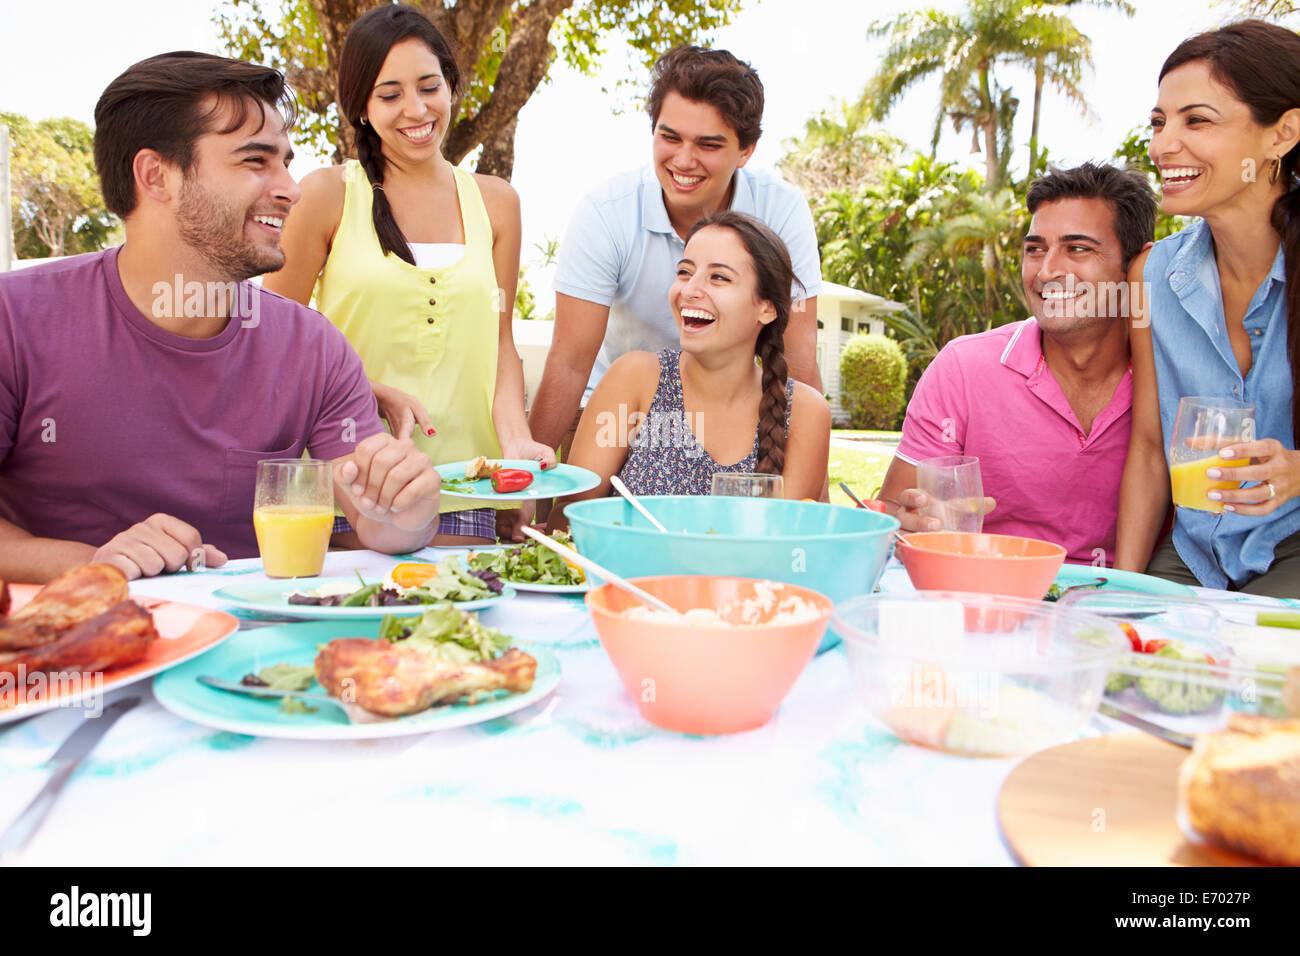 Gruppe von Freunden, feiern, Essen im Garten zu Hause genießen Stockbild